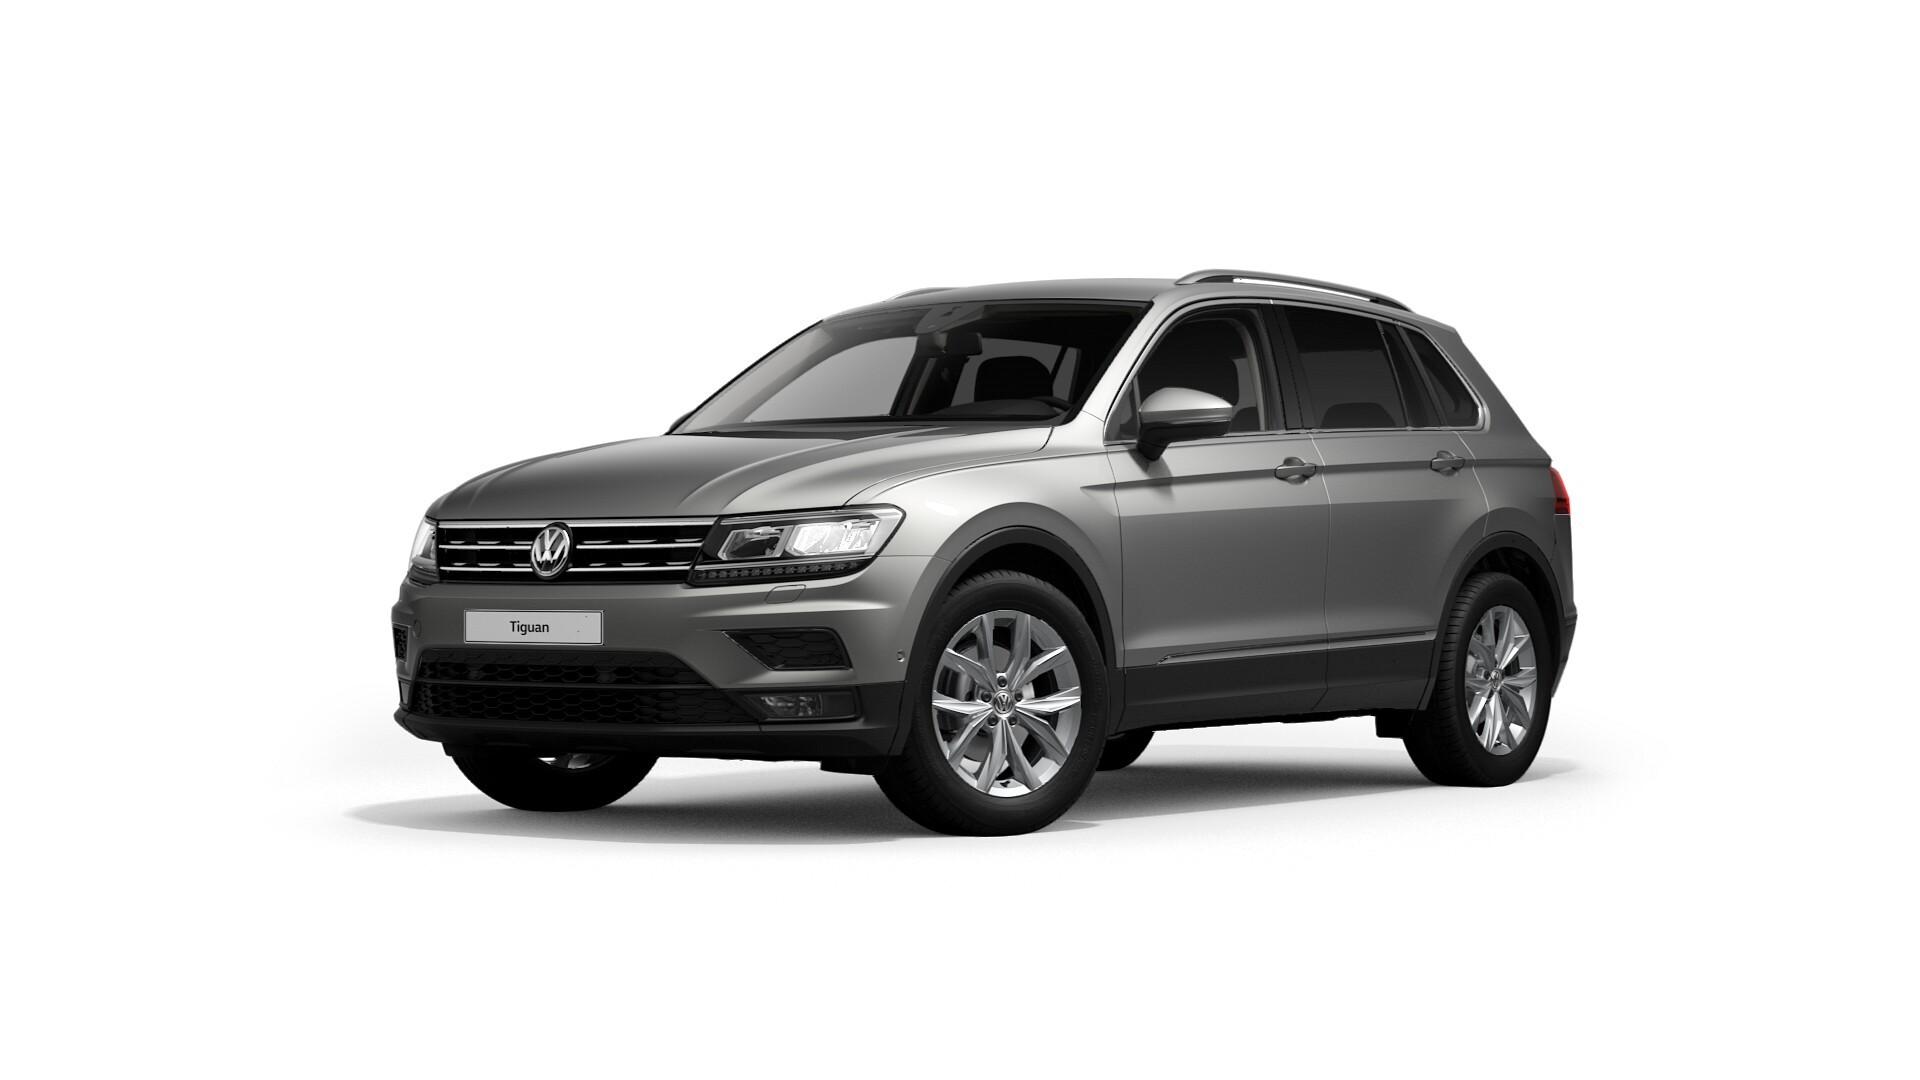 Volkswagen Tiguan Внедорожник (Highline)